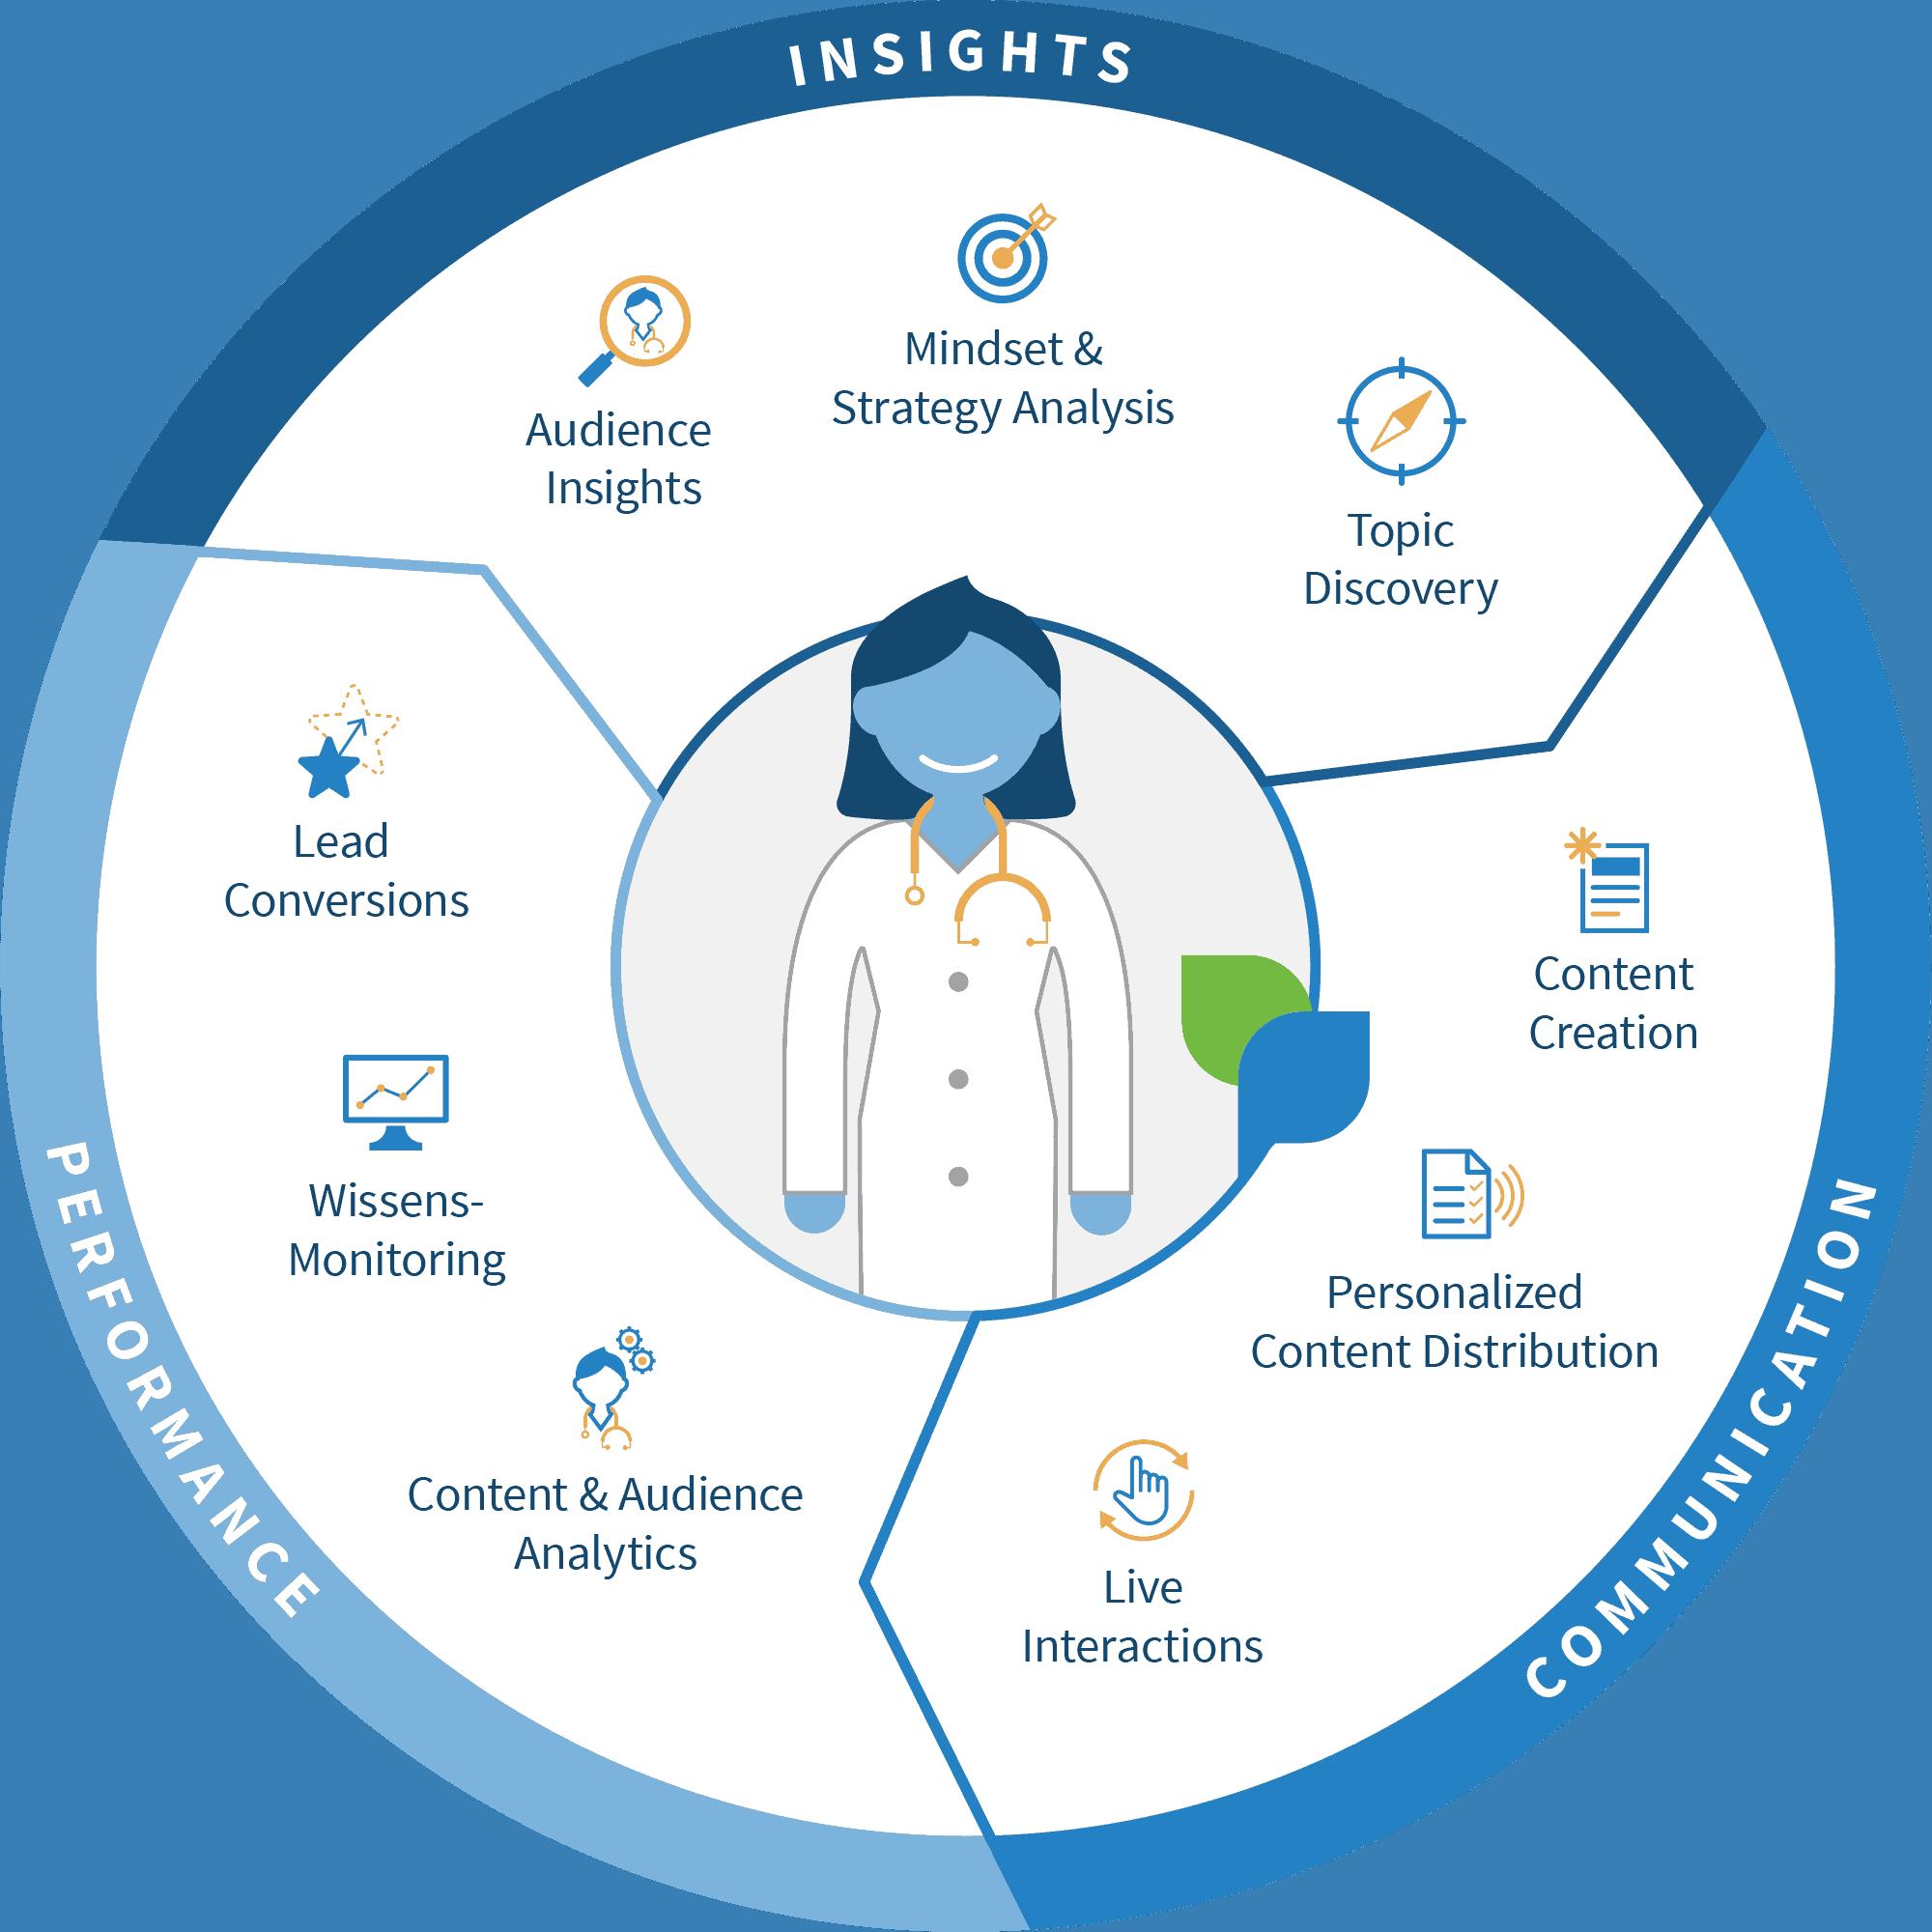 /pharma (Für Unternehmen –> Ärzte erreichen) | Juli 2019